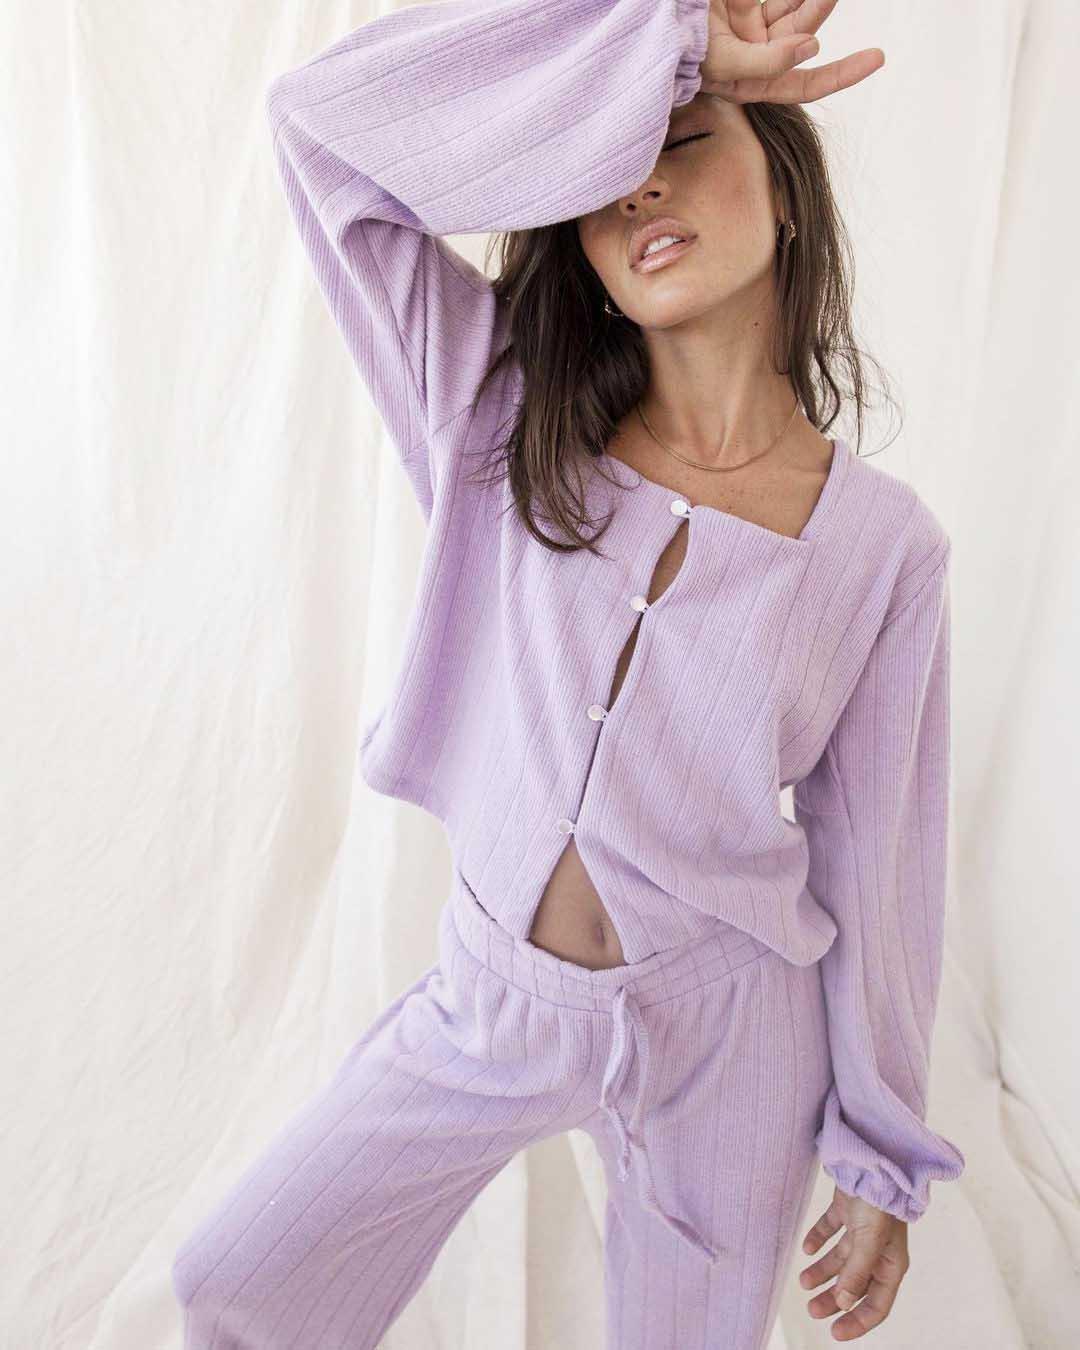 conjunto palzzo pantalon ancho invierno 2021 moda mujer